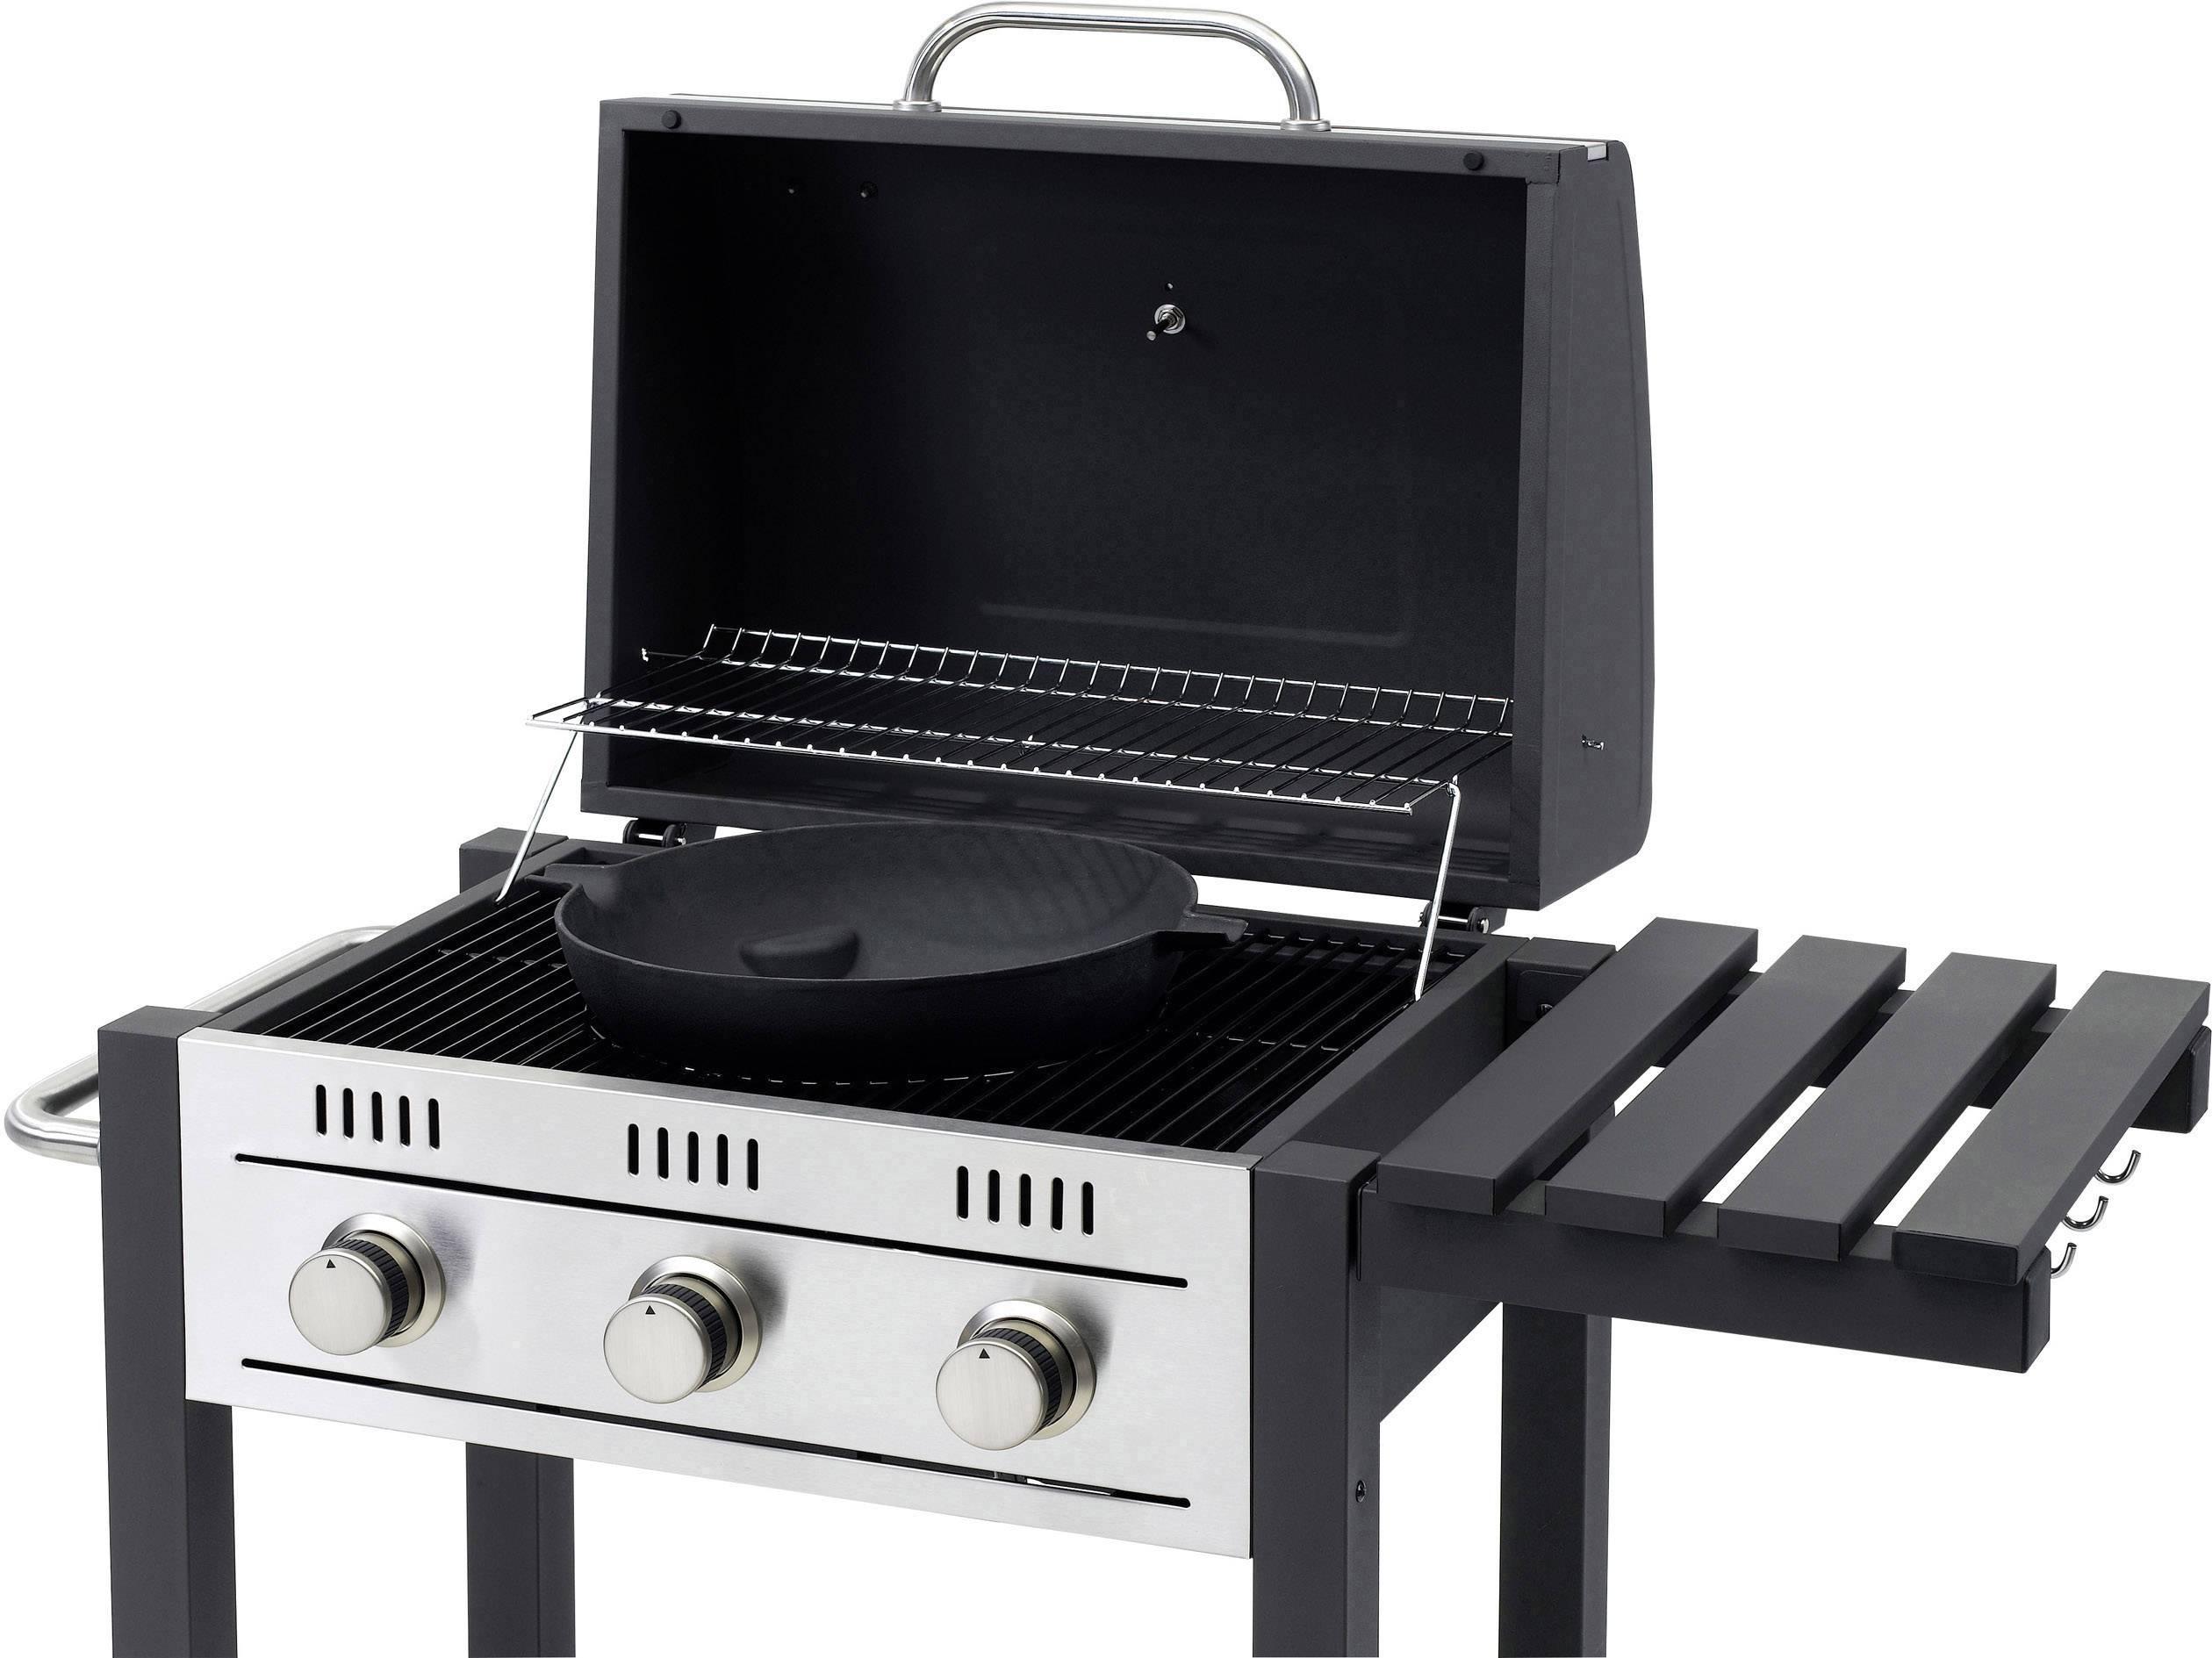 Tepro Toronto Holzkohlegrill Räuchern : Tepro garten toronto xxl grillwagen holzkohle grill thermometer im